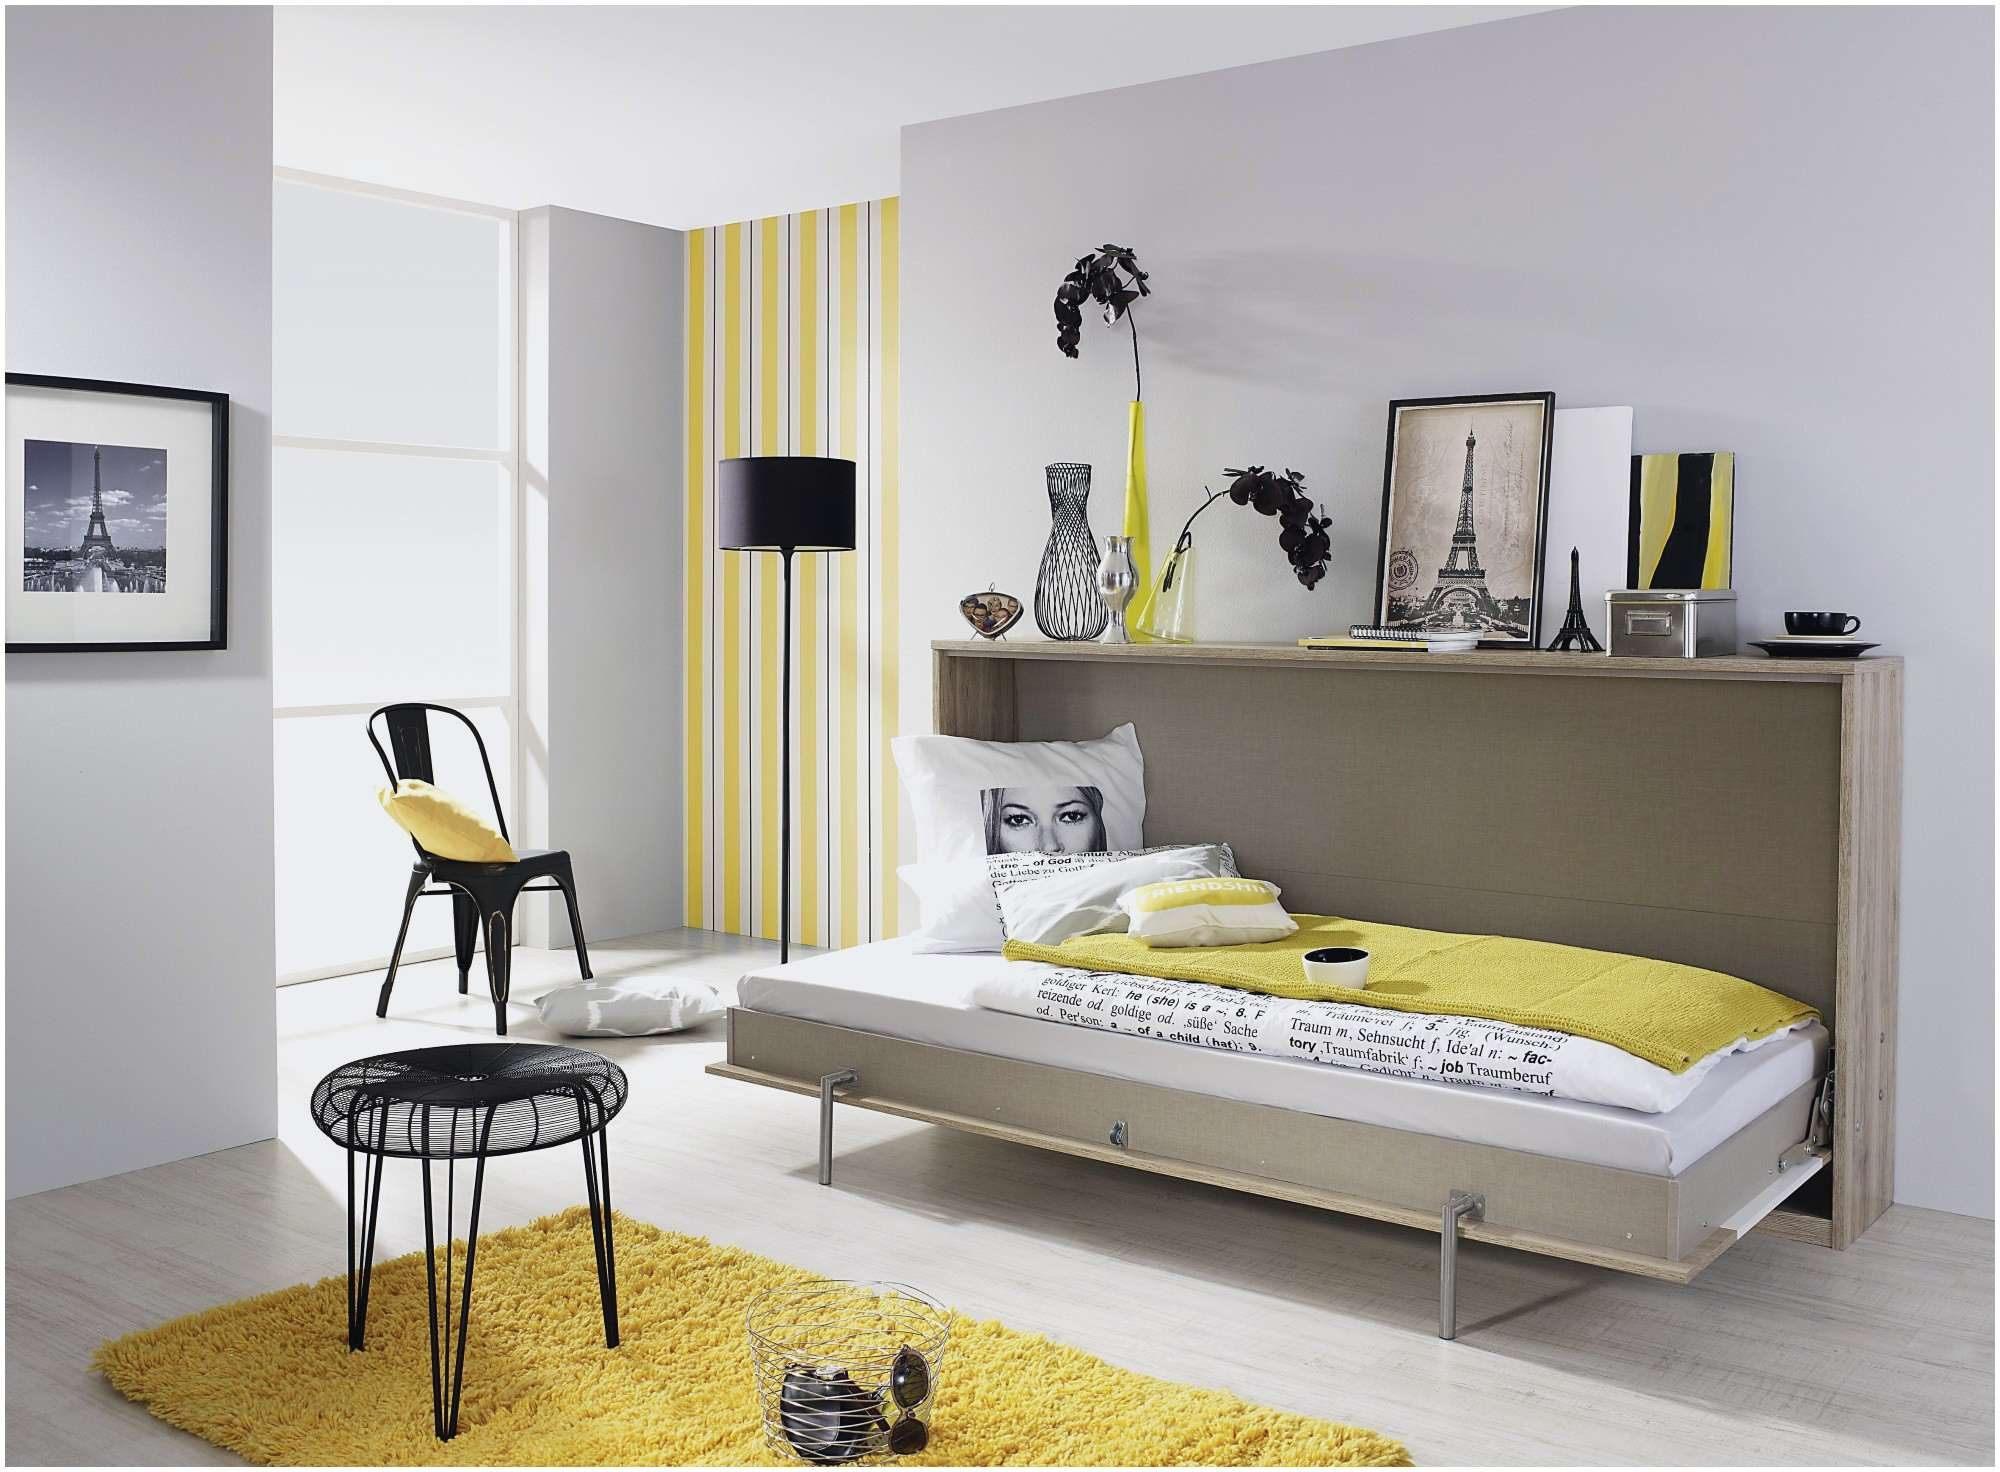 Lit Suspendu Ikea Douce Le Meilleur De Armoir Lit Ikea Chambre Adulte Ikea Génial Ikea